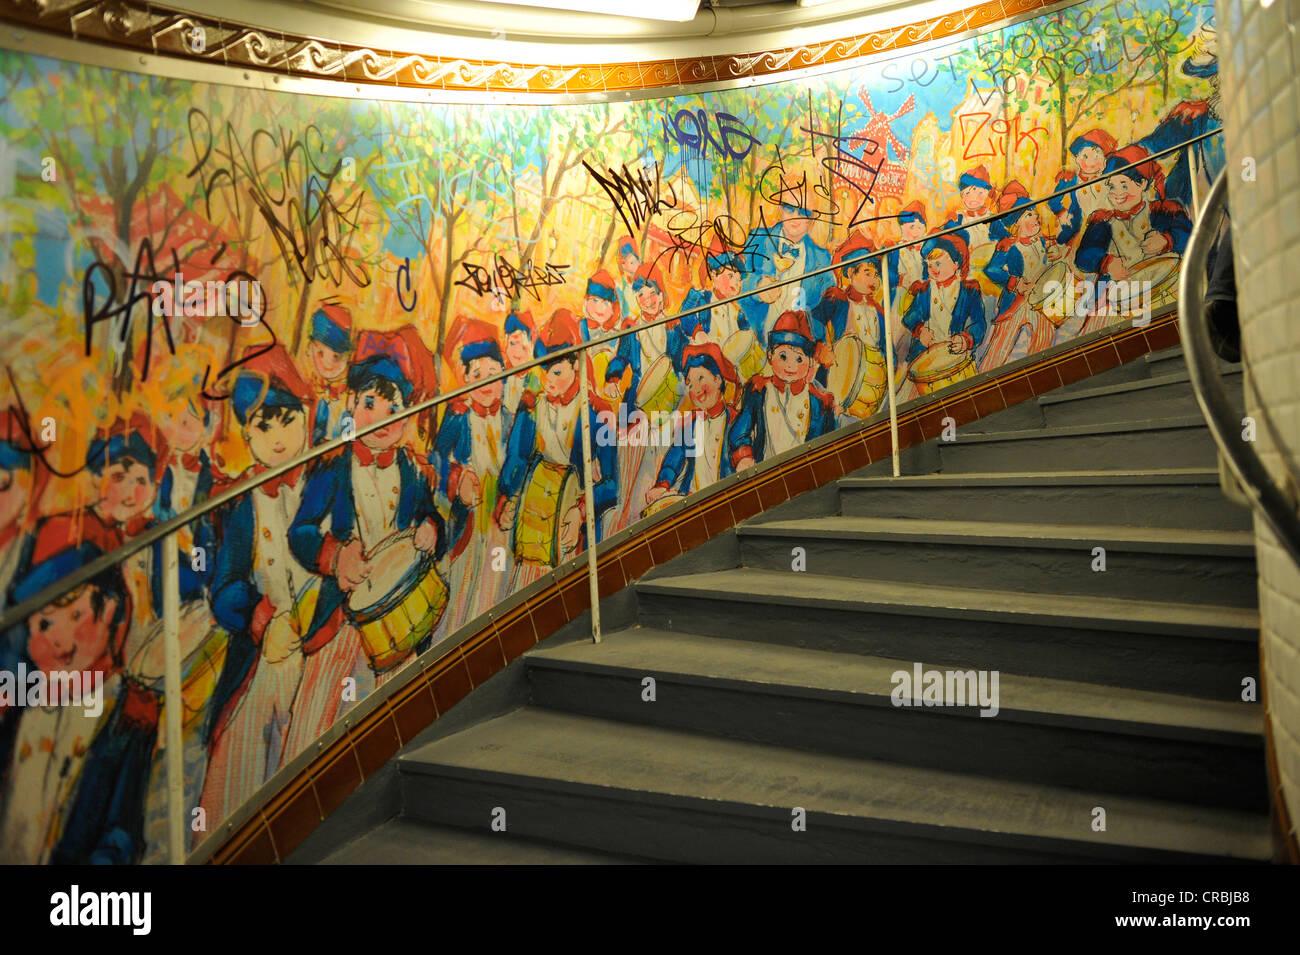 Pittura Murale Sulla Scala Arte Nella Metropolitana Di Parigi Francia Europa Foto Stock Alamy